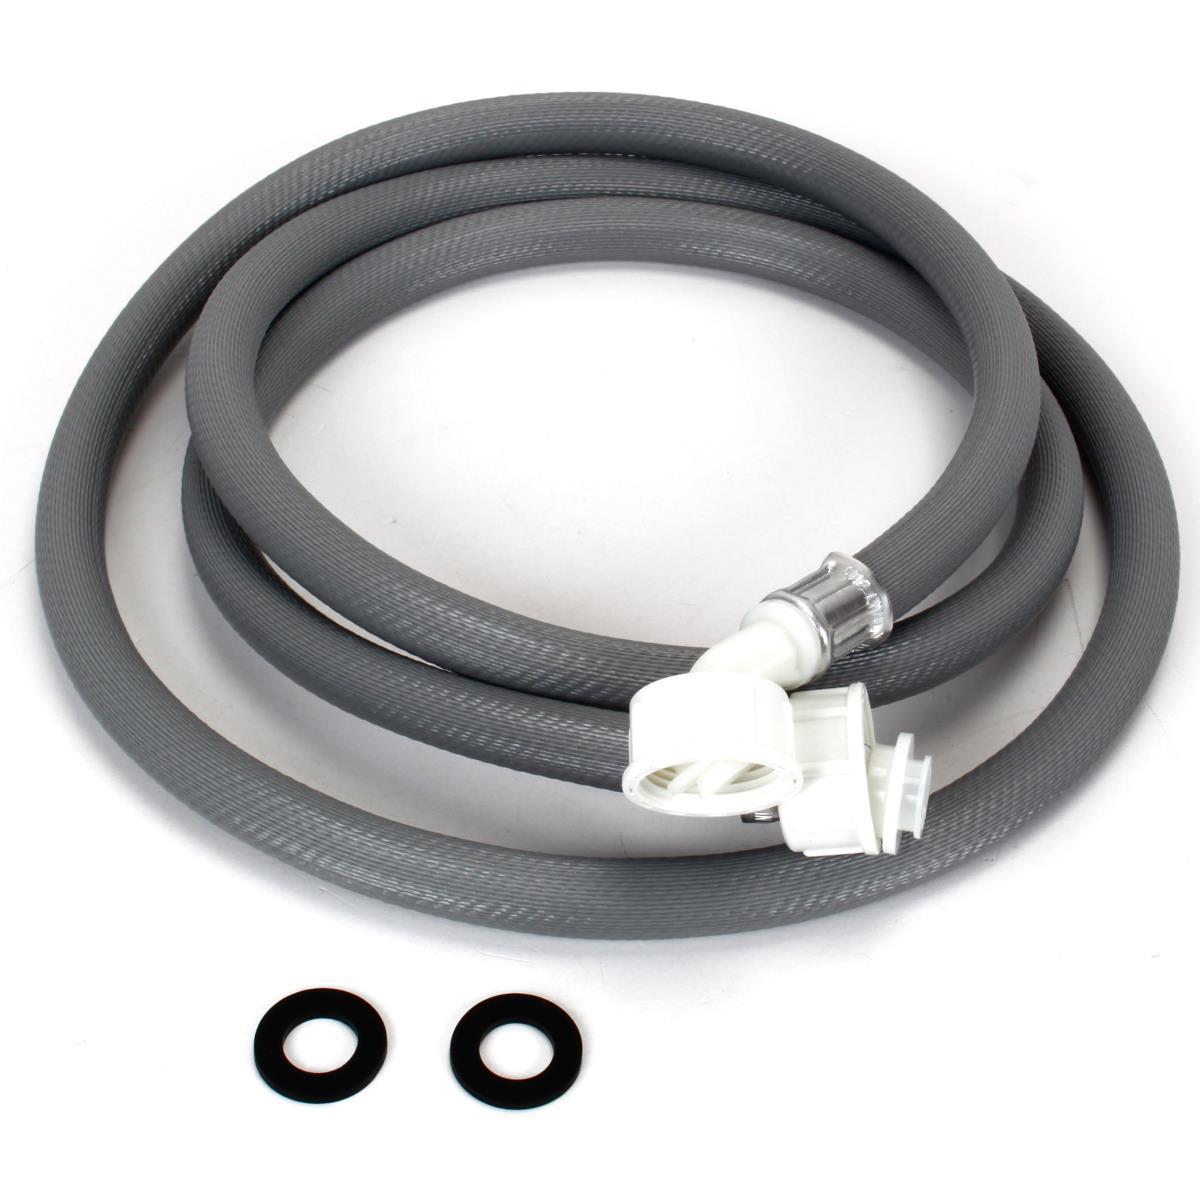 """Wasserschlauch 5m Zulauf 3/4"""" Kaltwasser Waschmaschine Spülmaschine 20 bar,W-Line,4750898030301, 4772013158868"""